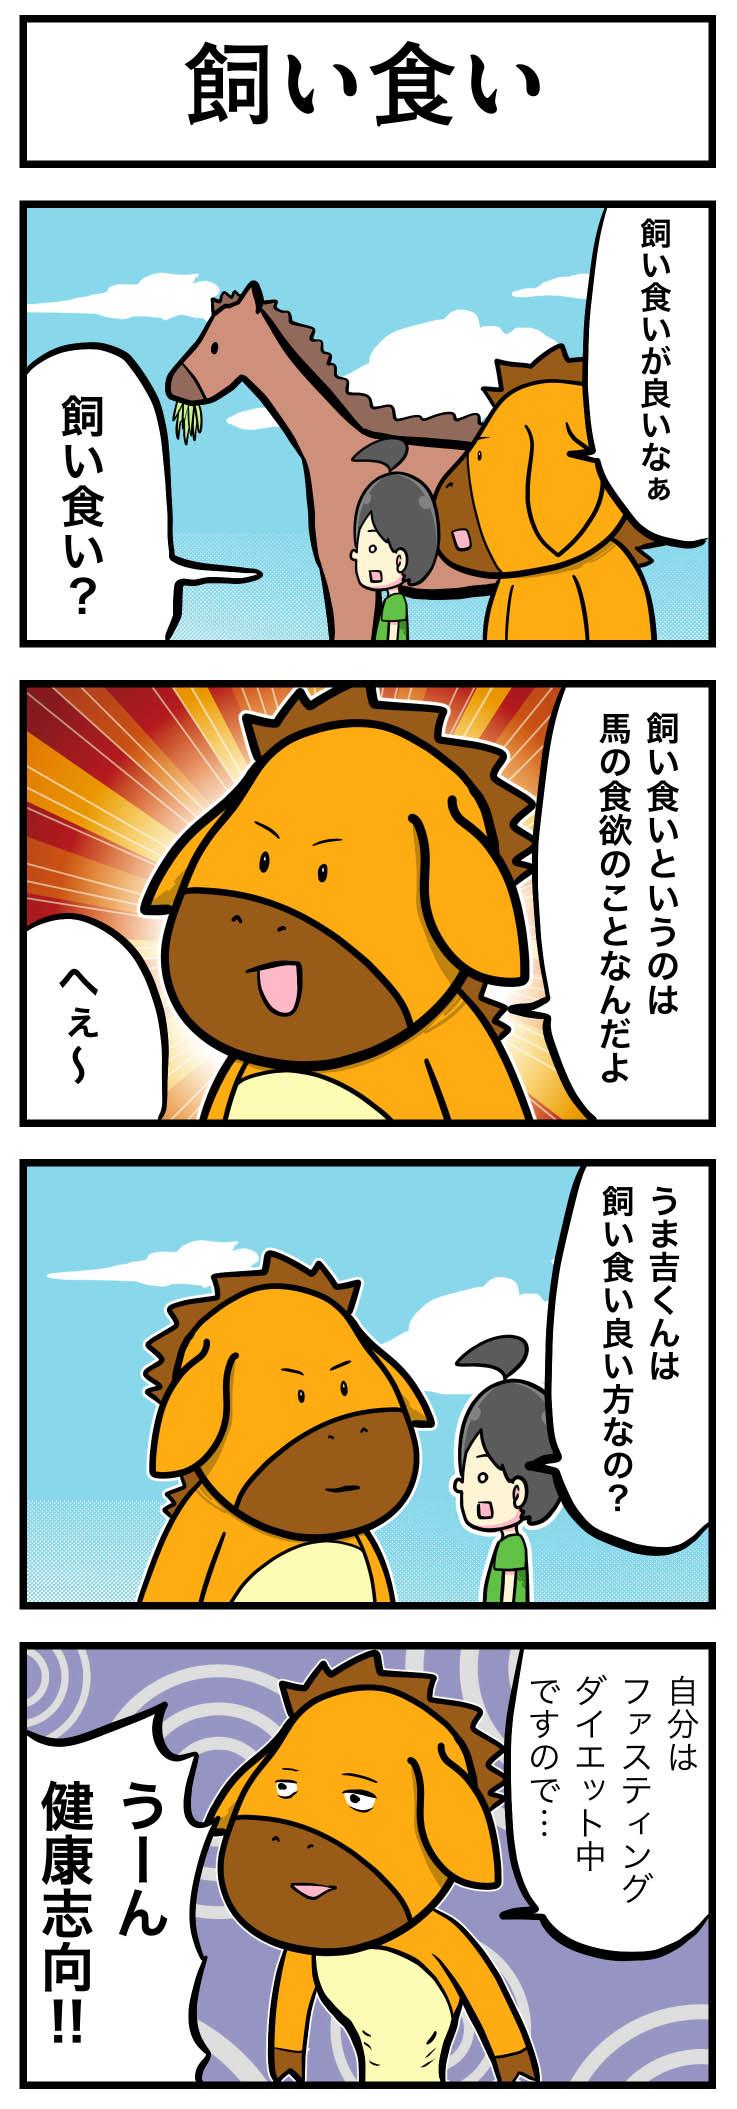 飼い食い【うま吉の鉄板穴馬マンガ】